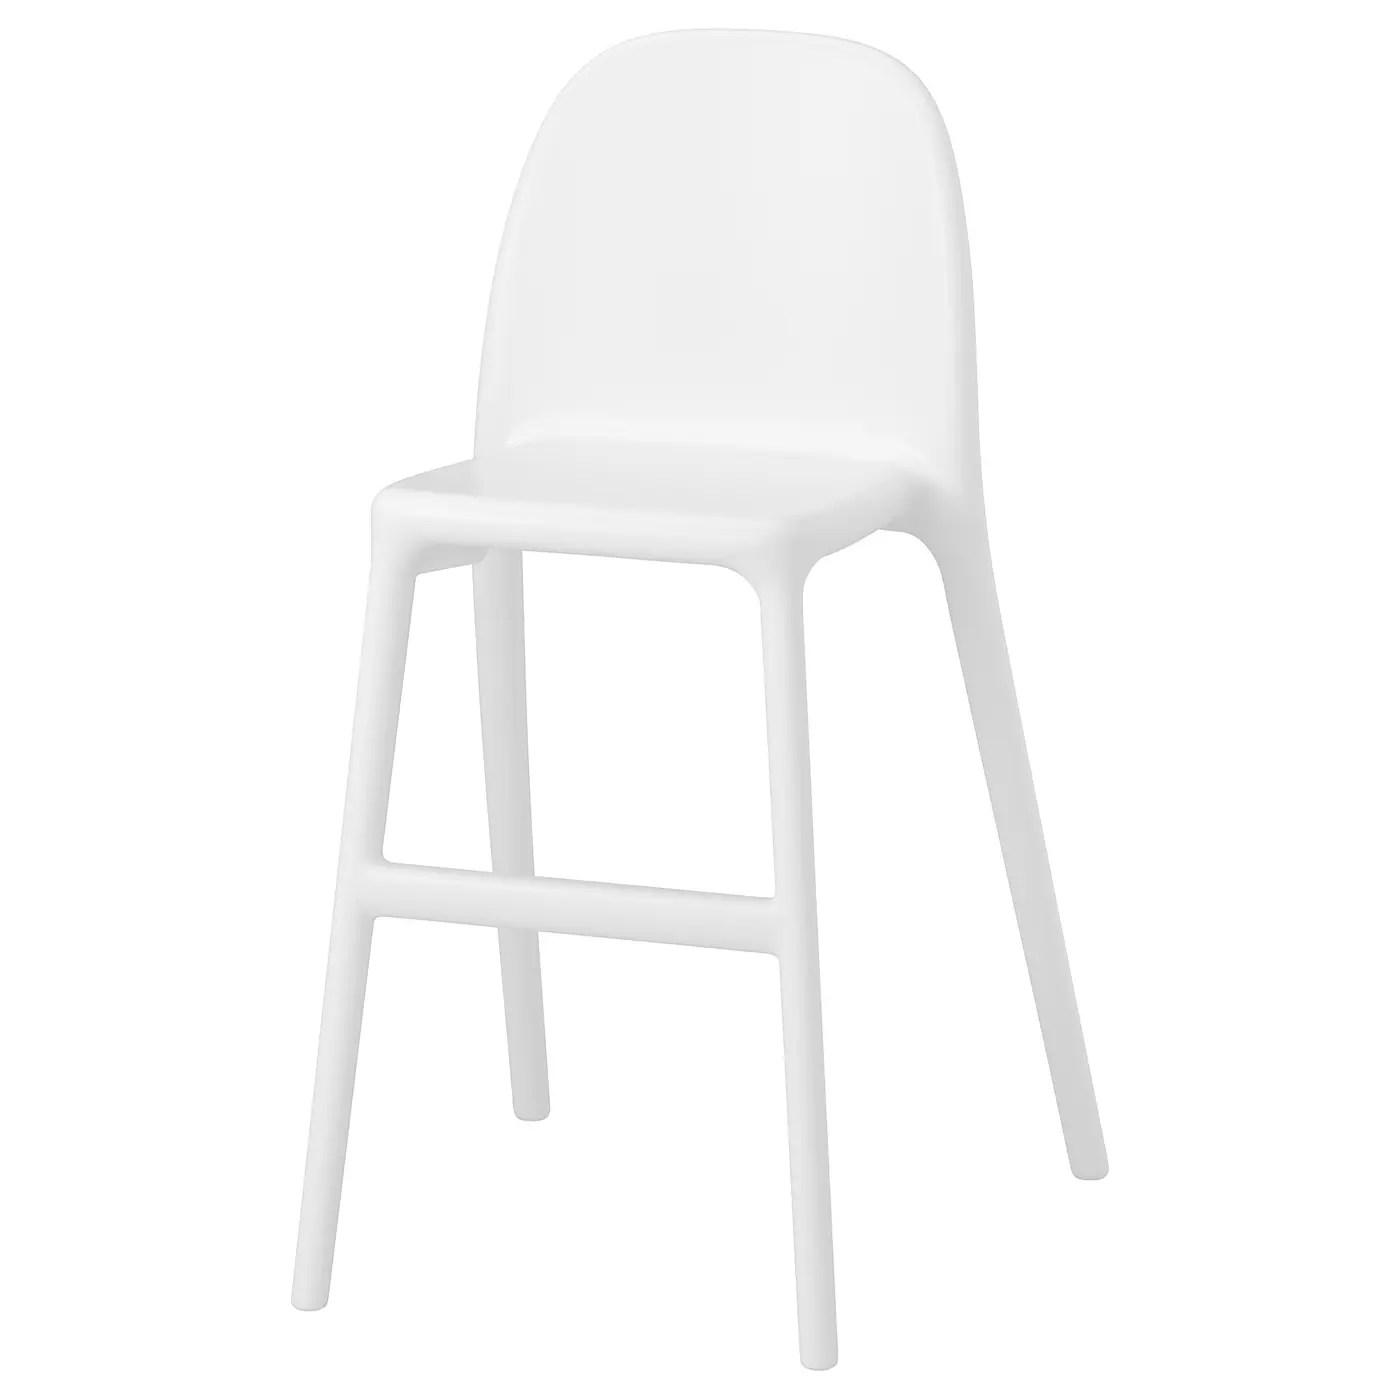 urban junior chair white